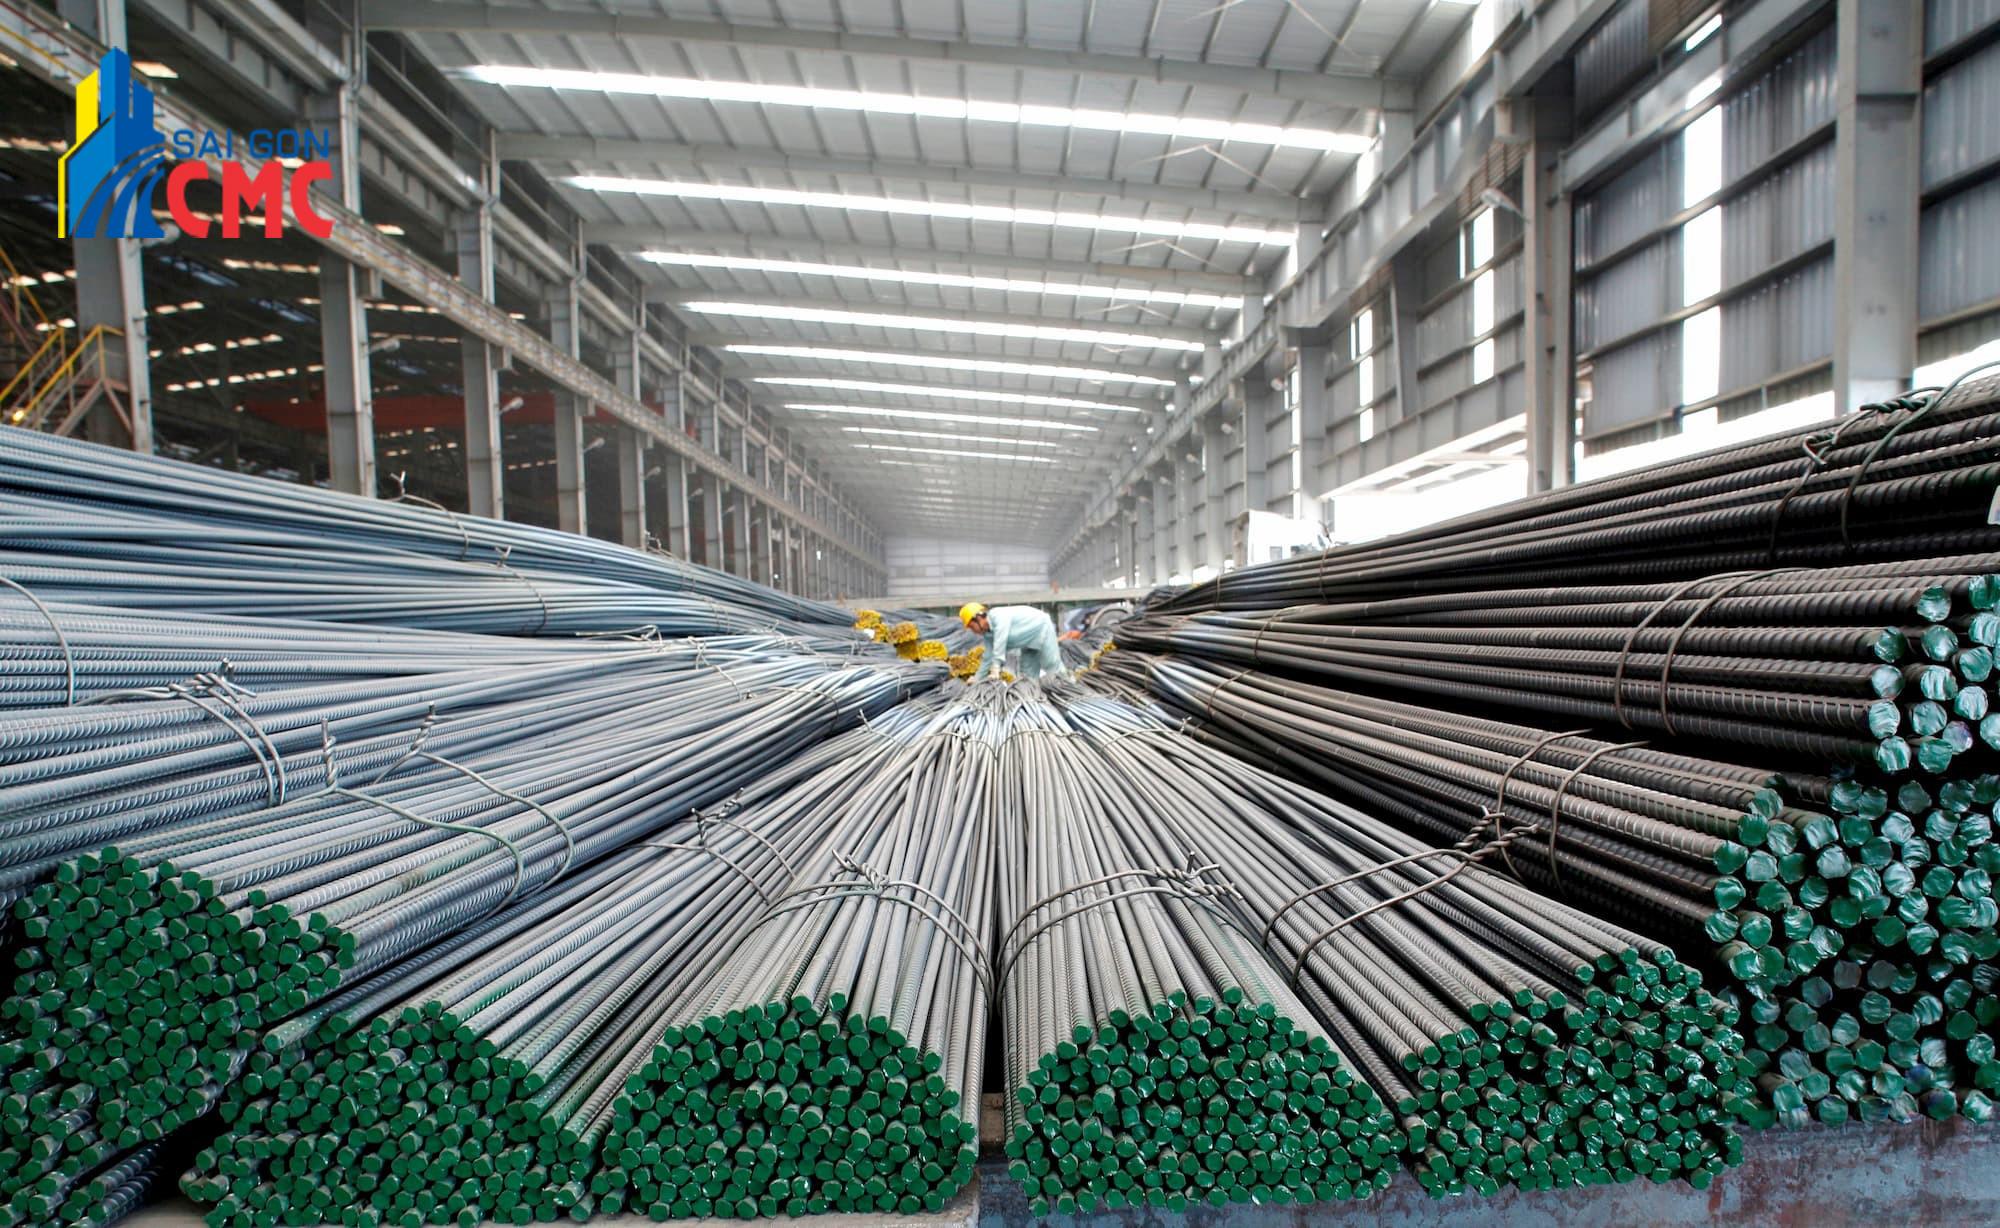 Giá sắt thép nhà máy thép tại Việt Nam